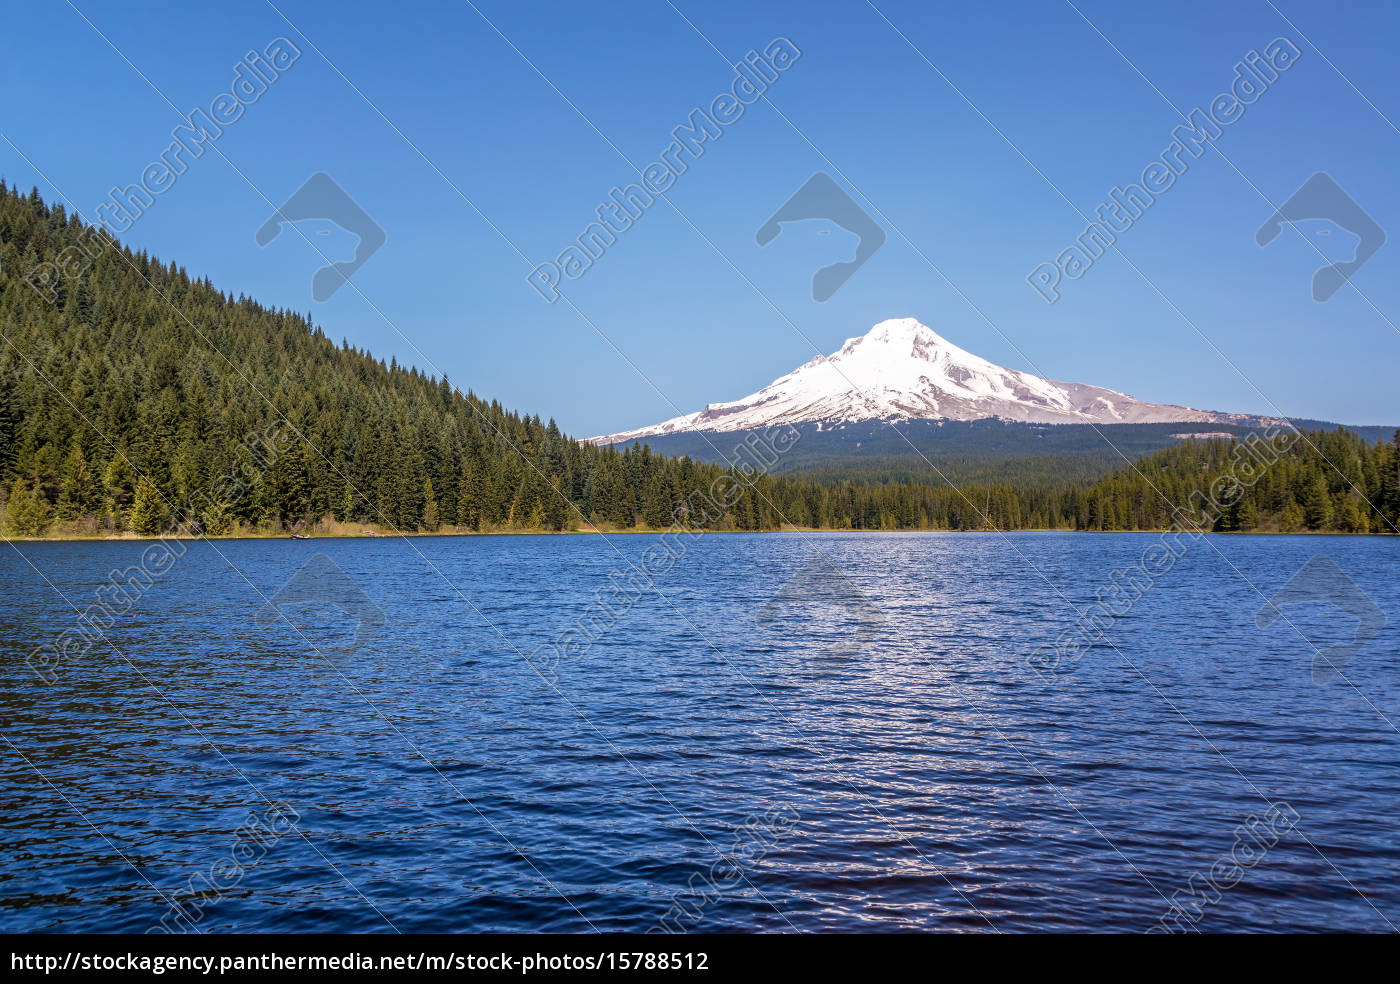 mt., hood, and, trillium, lake - 15788512